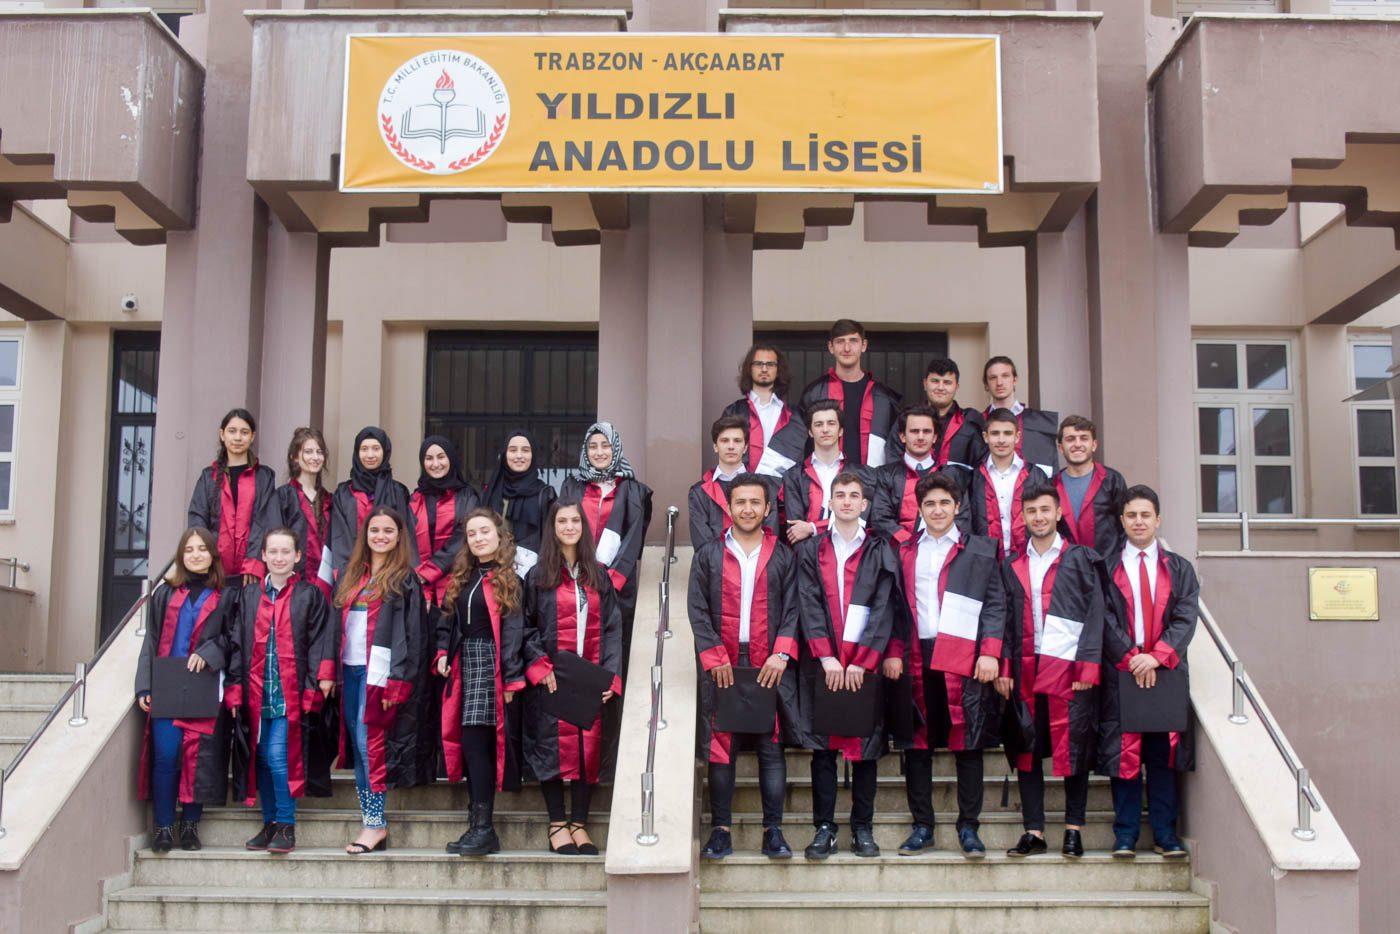 Yıldızlı Anadolu Lisesi, Mezuniyet, Trabzon, Stüdyo Girne